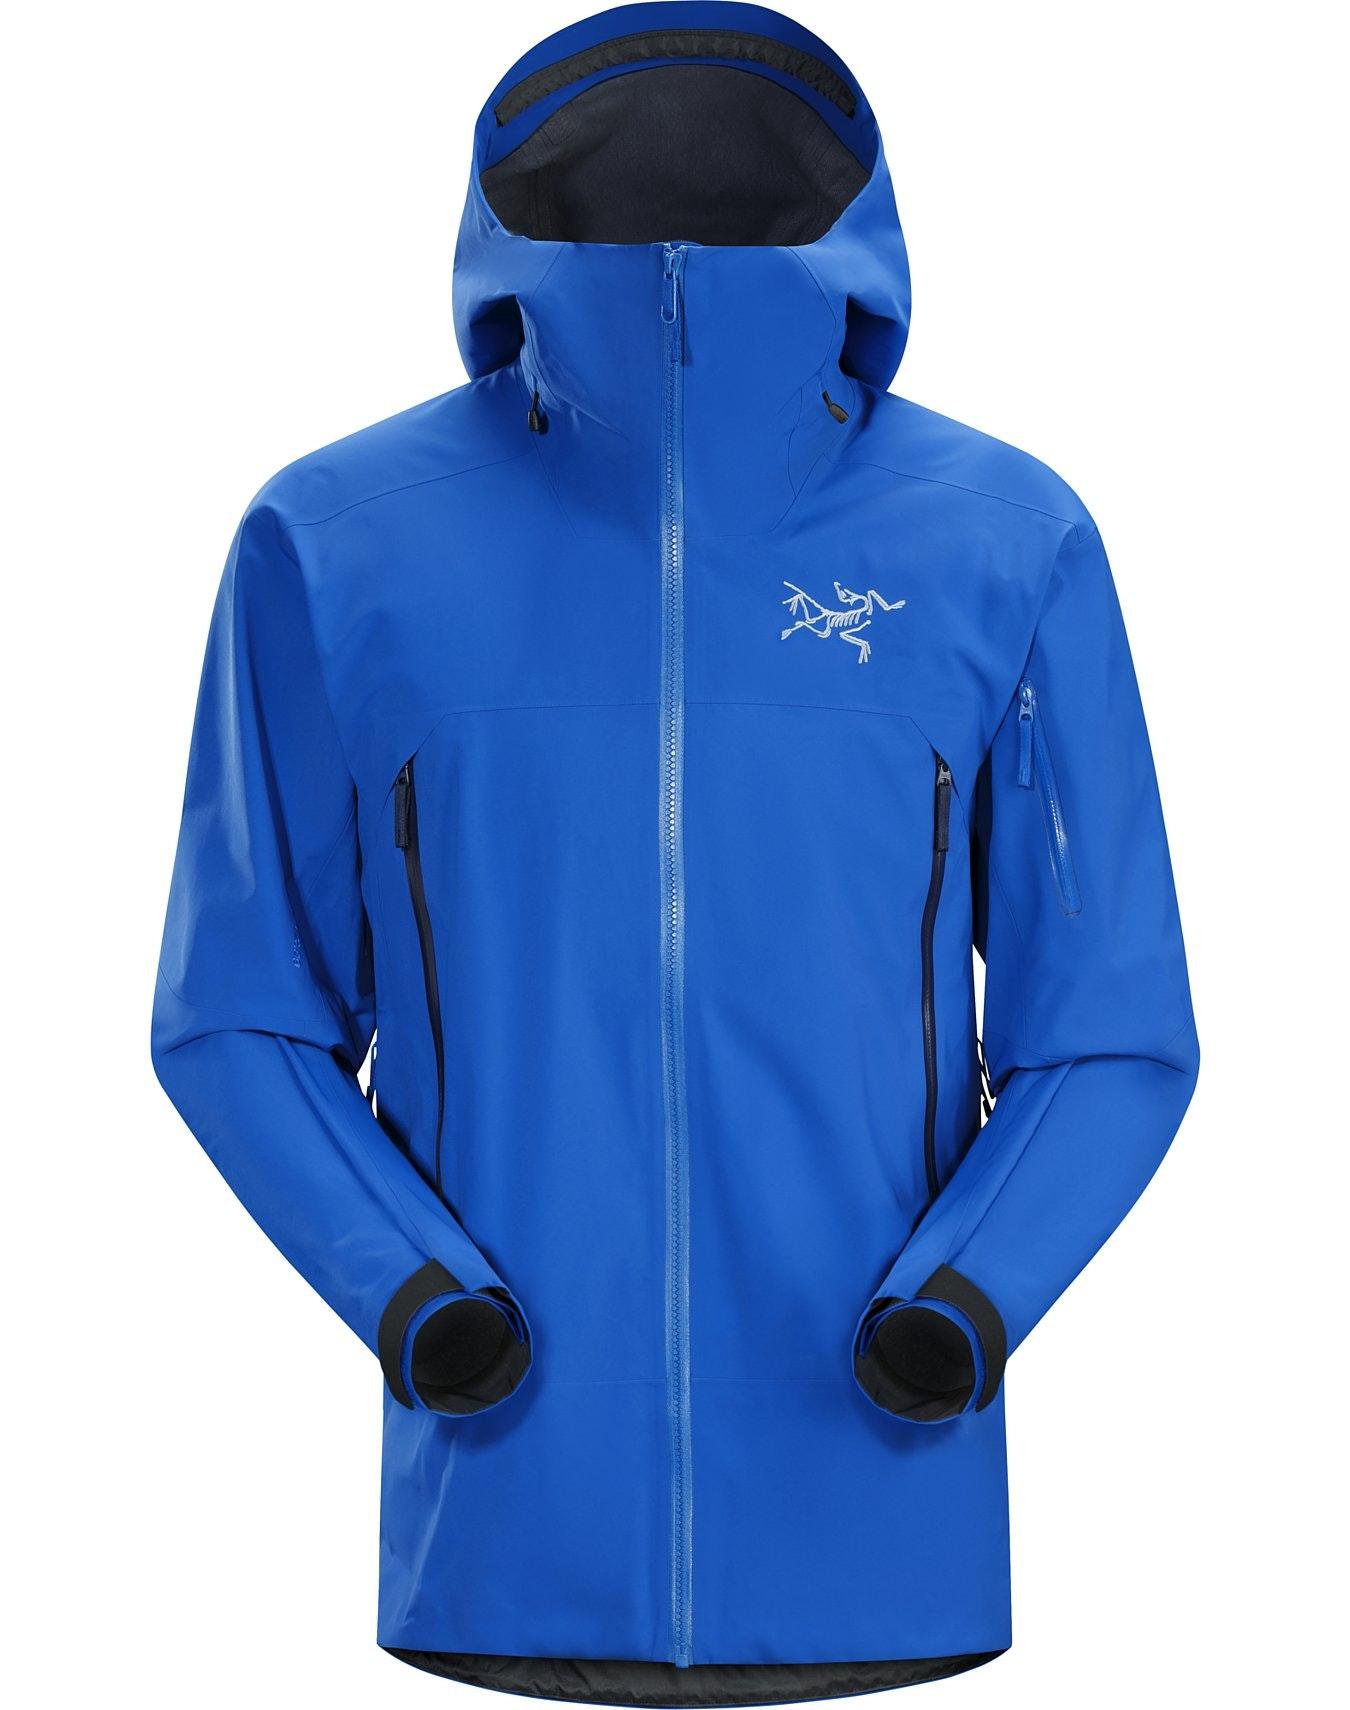 3f9d14b6fb9 Sabre Jacket   Mens   Arc teryx